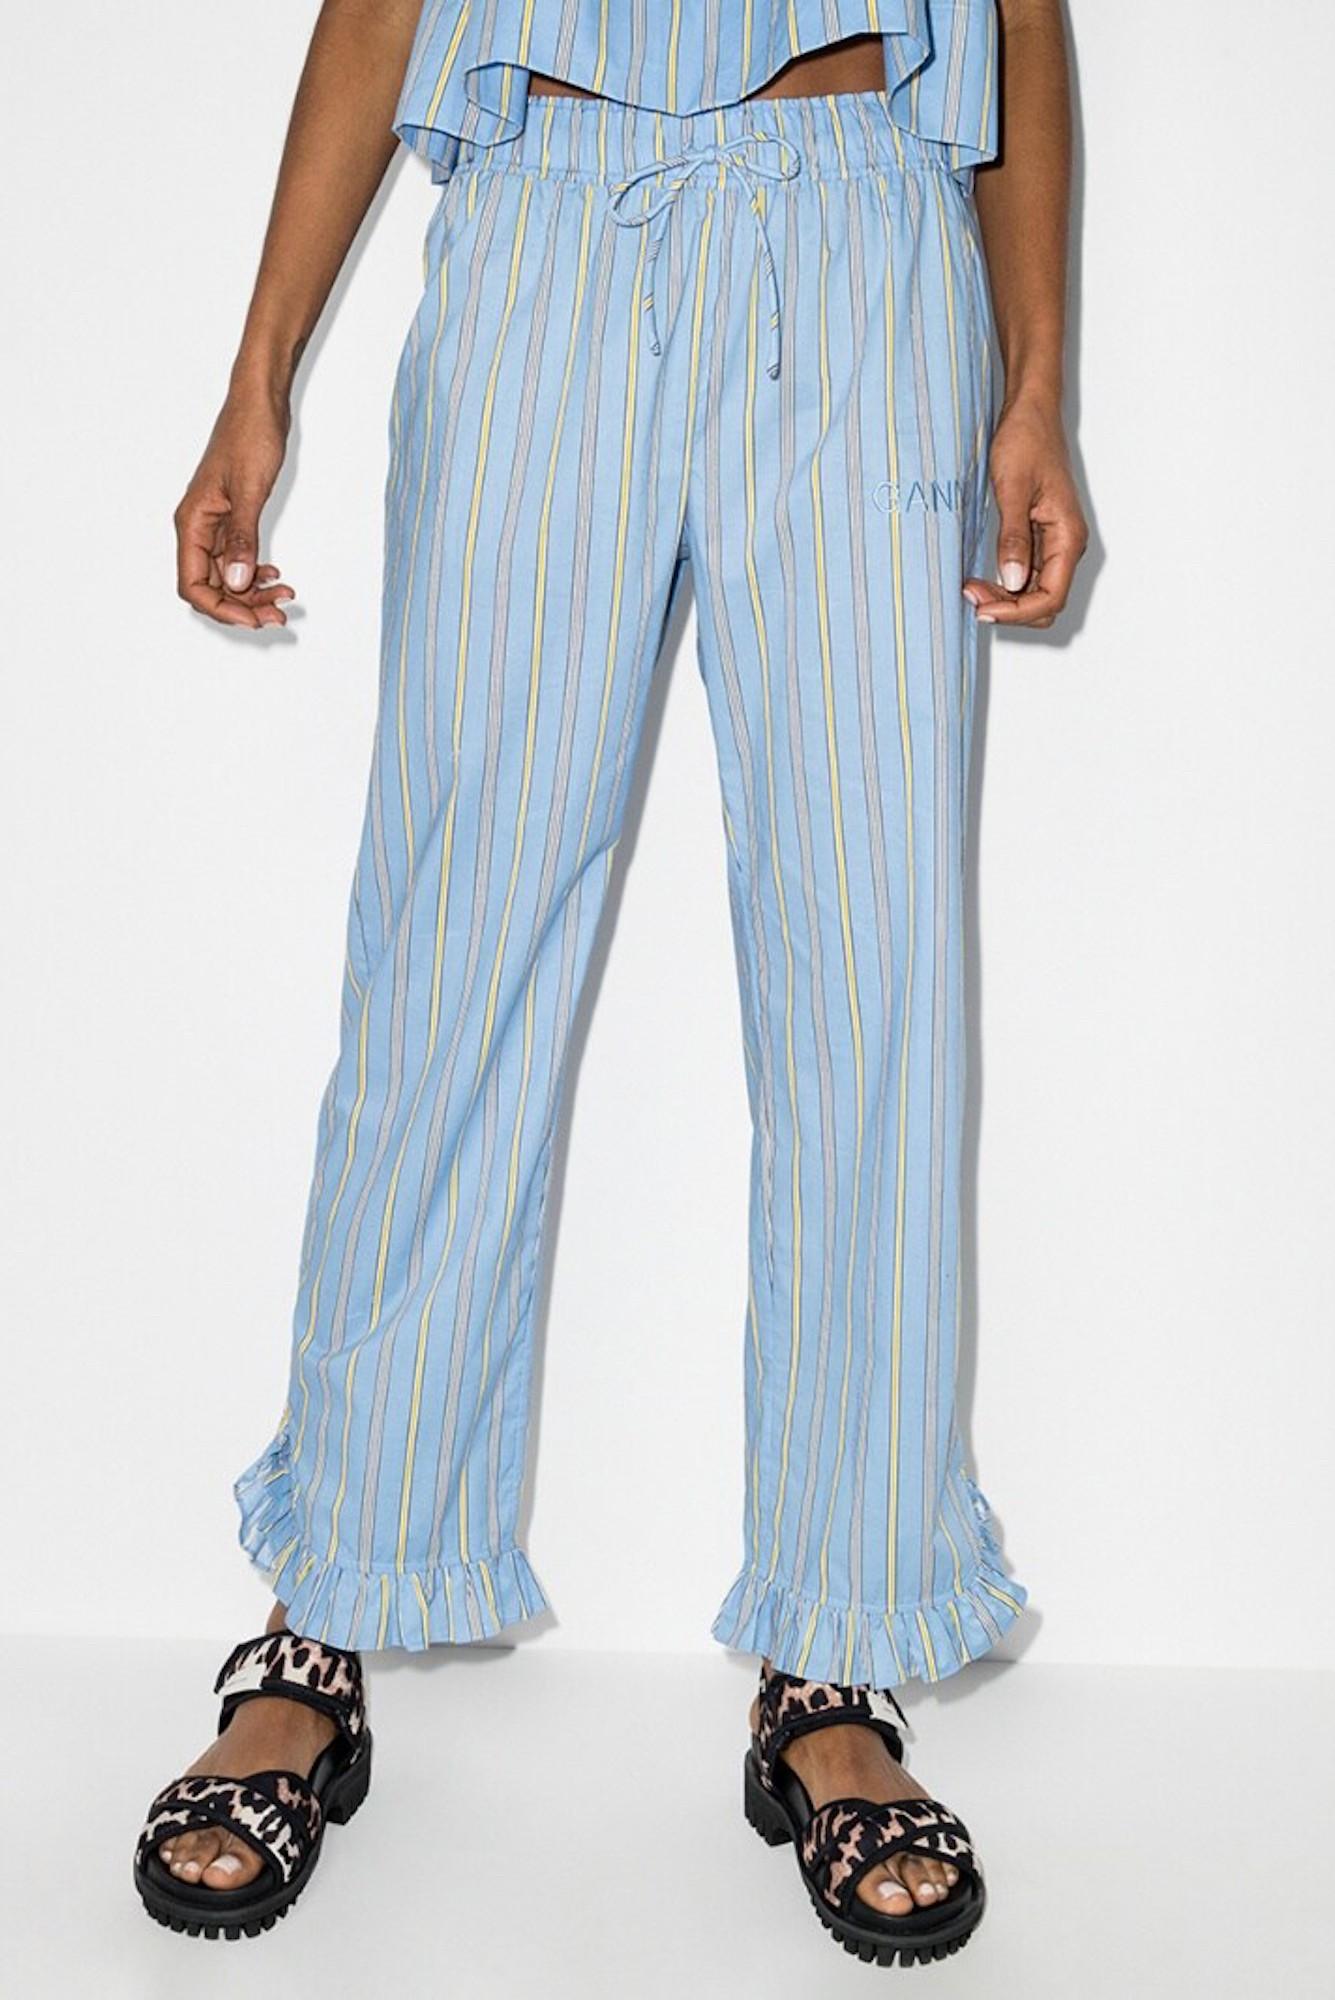 Ganni выпустил капсульную коллекцию пижам (фото 2)